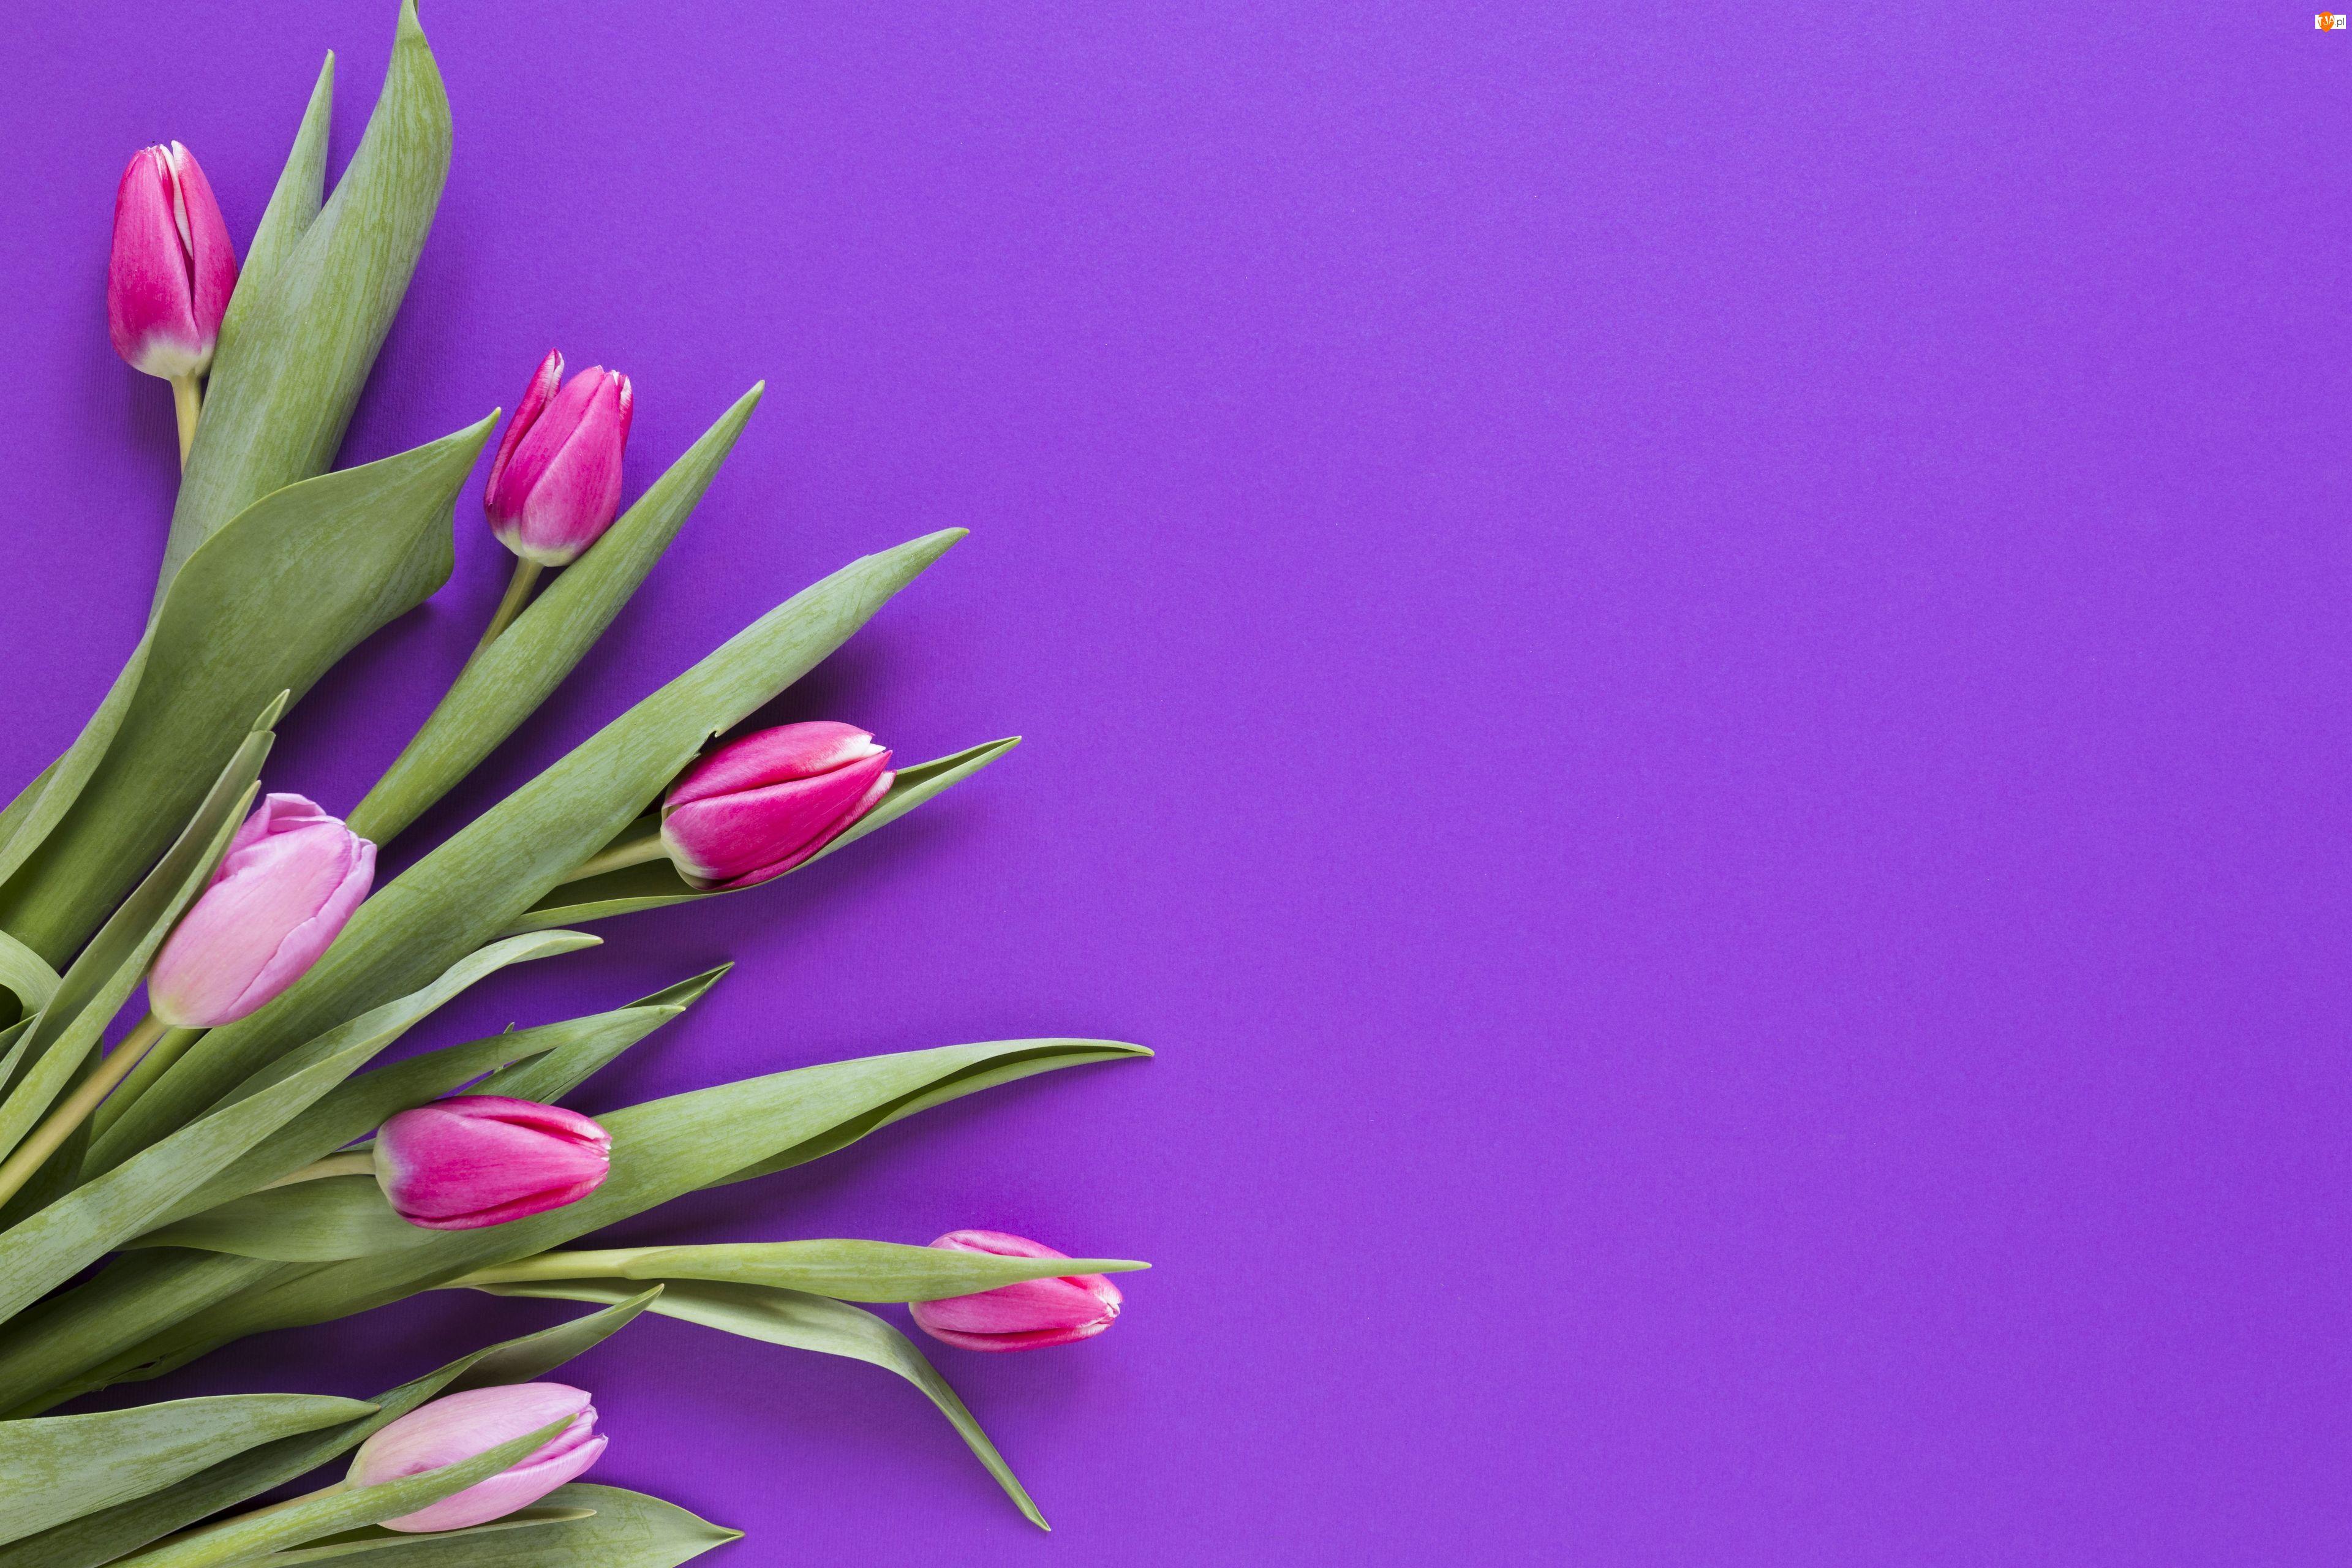 Tło, Kwiaty, Tulipany, Fioletowe